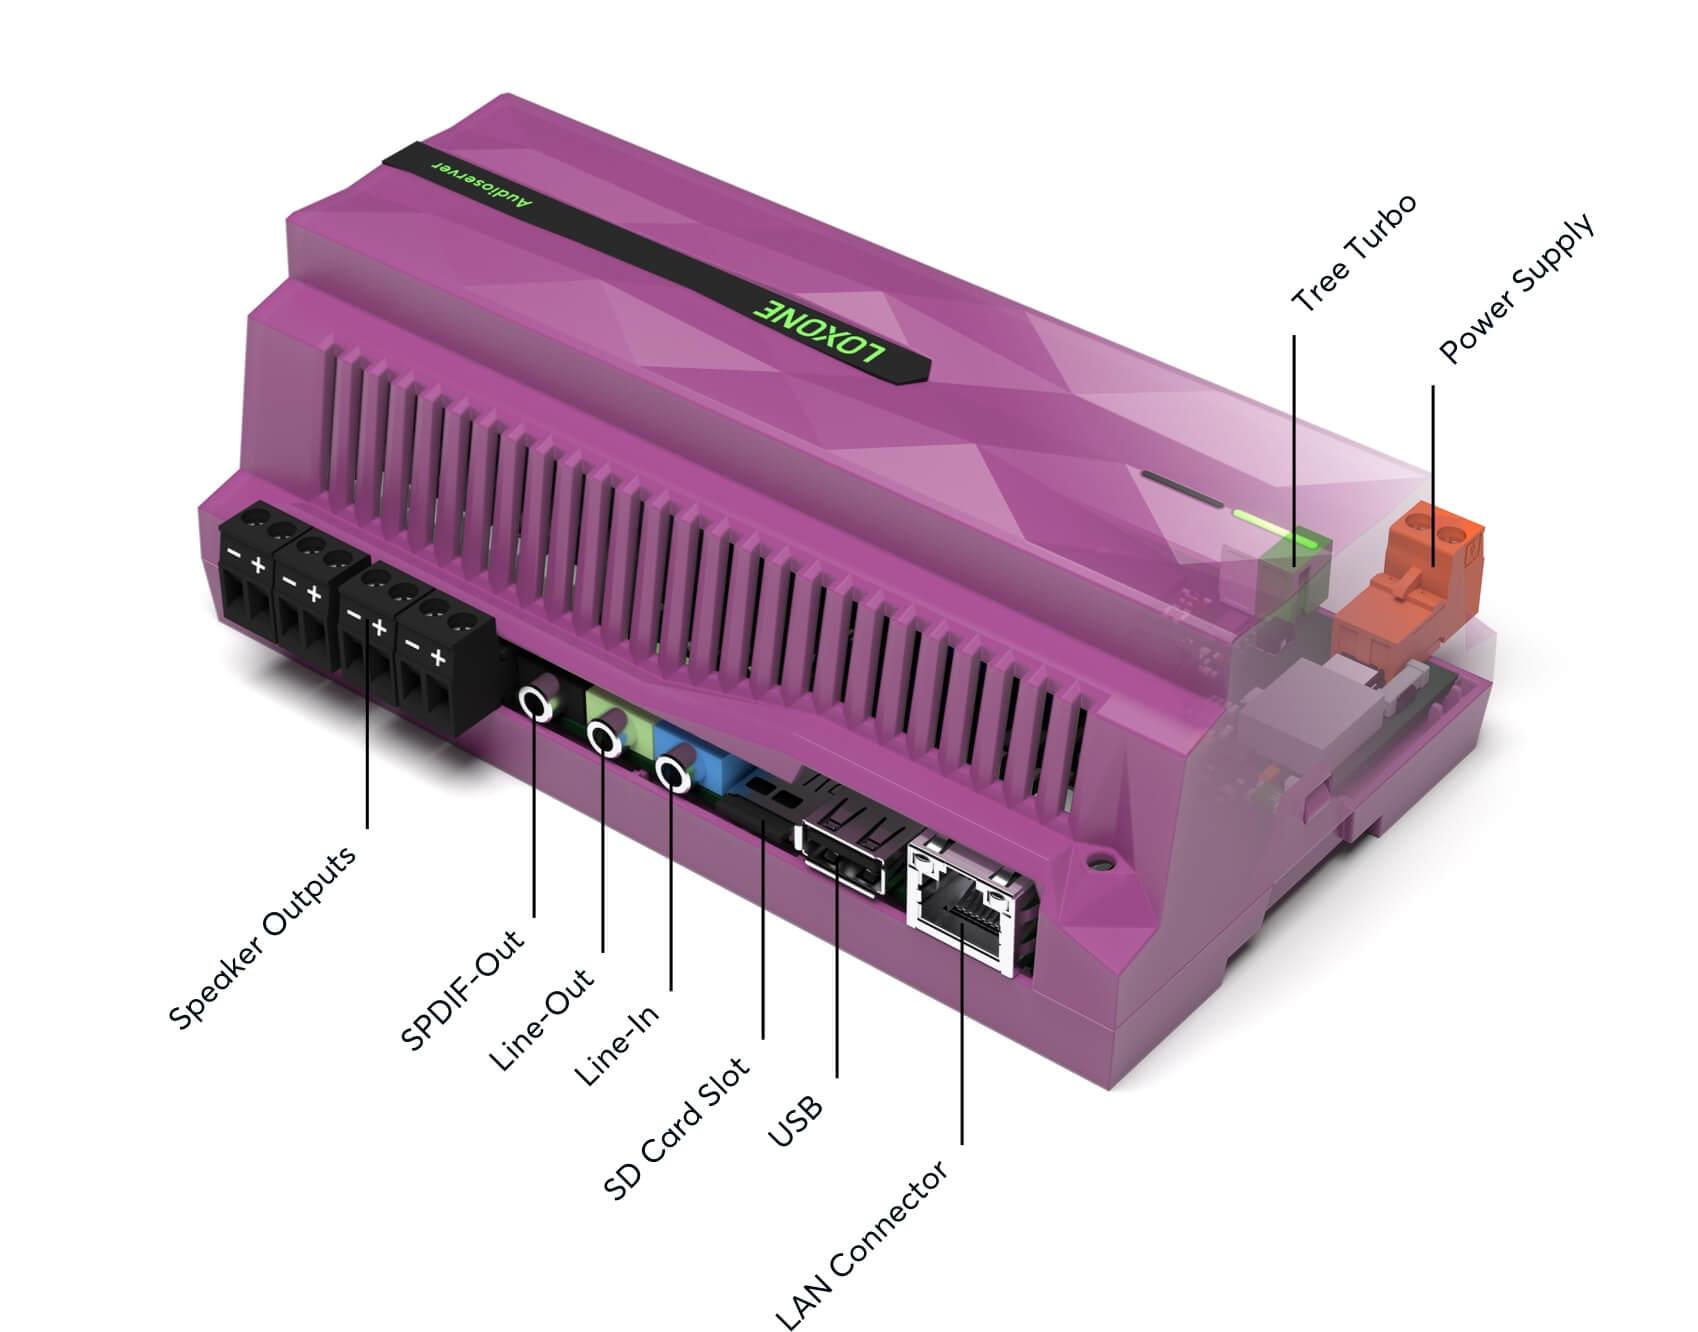 Audioserver diagram